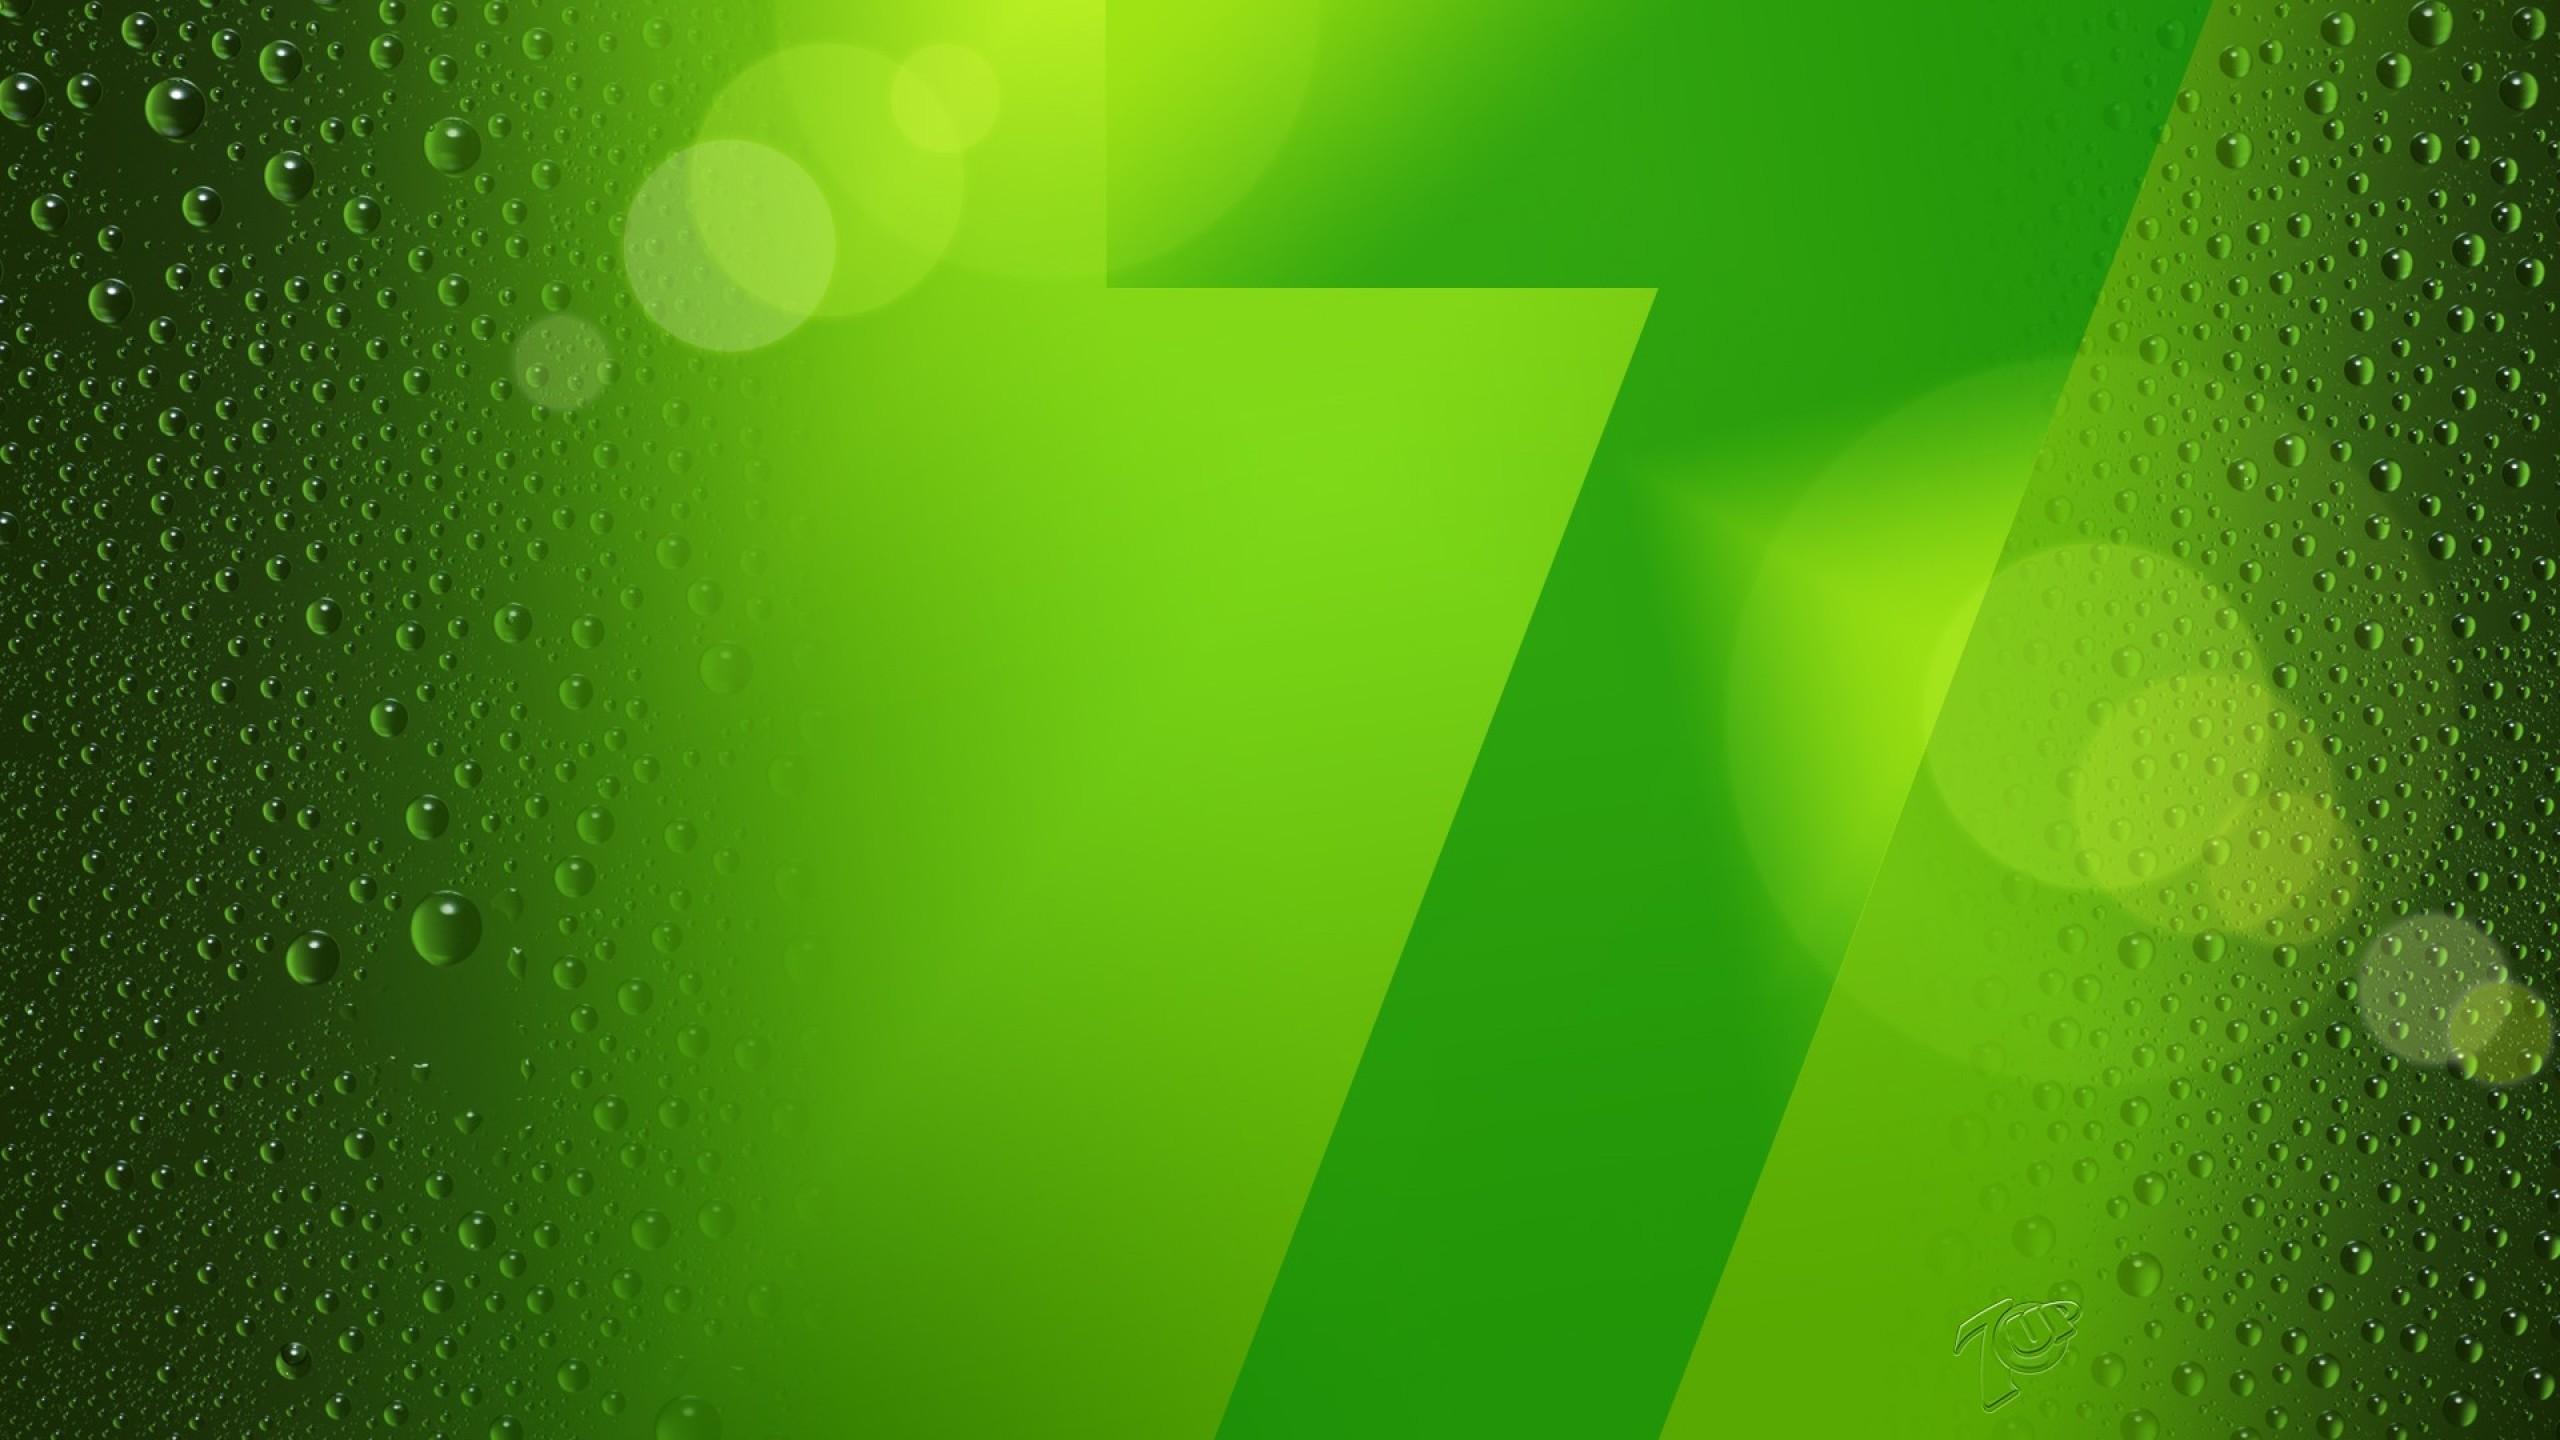 Windows 7 Green wallpaper   1371556 2560x1440